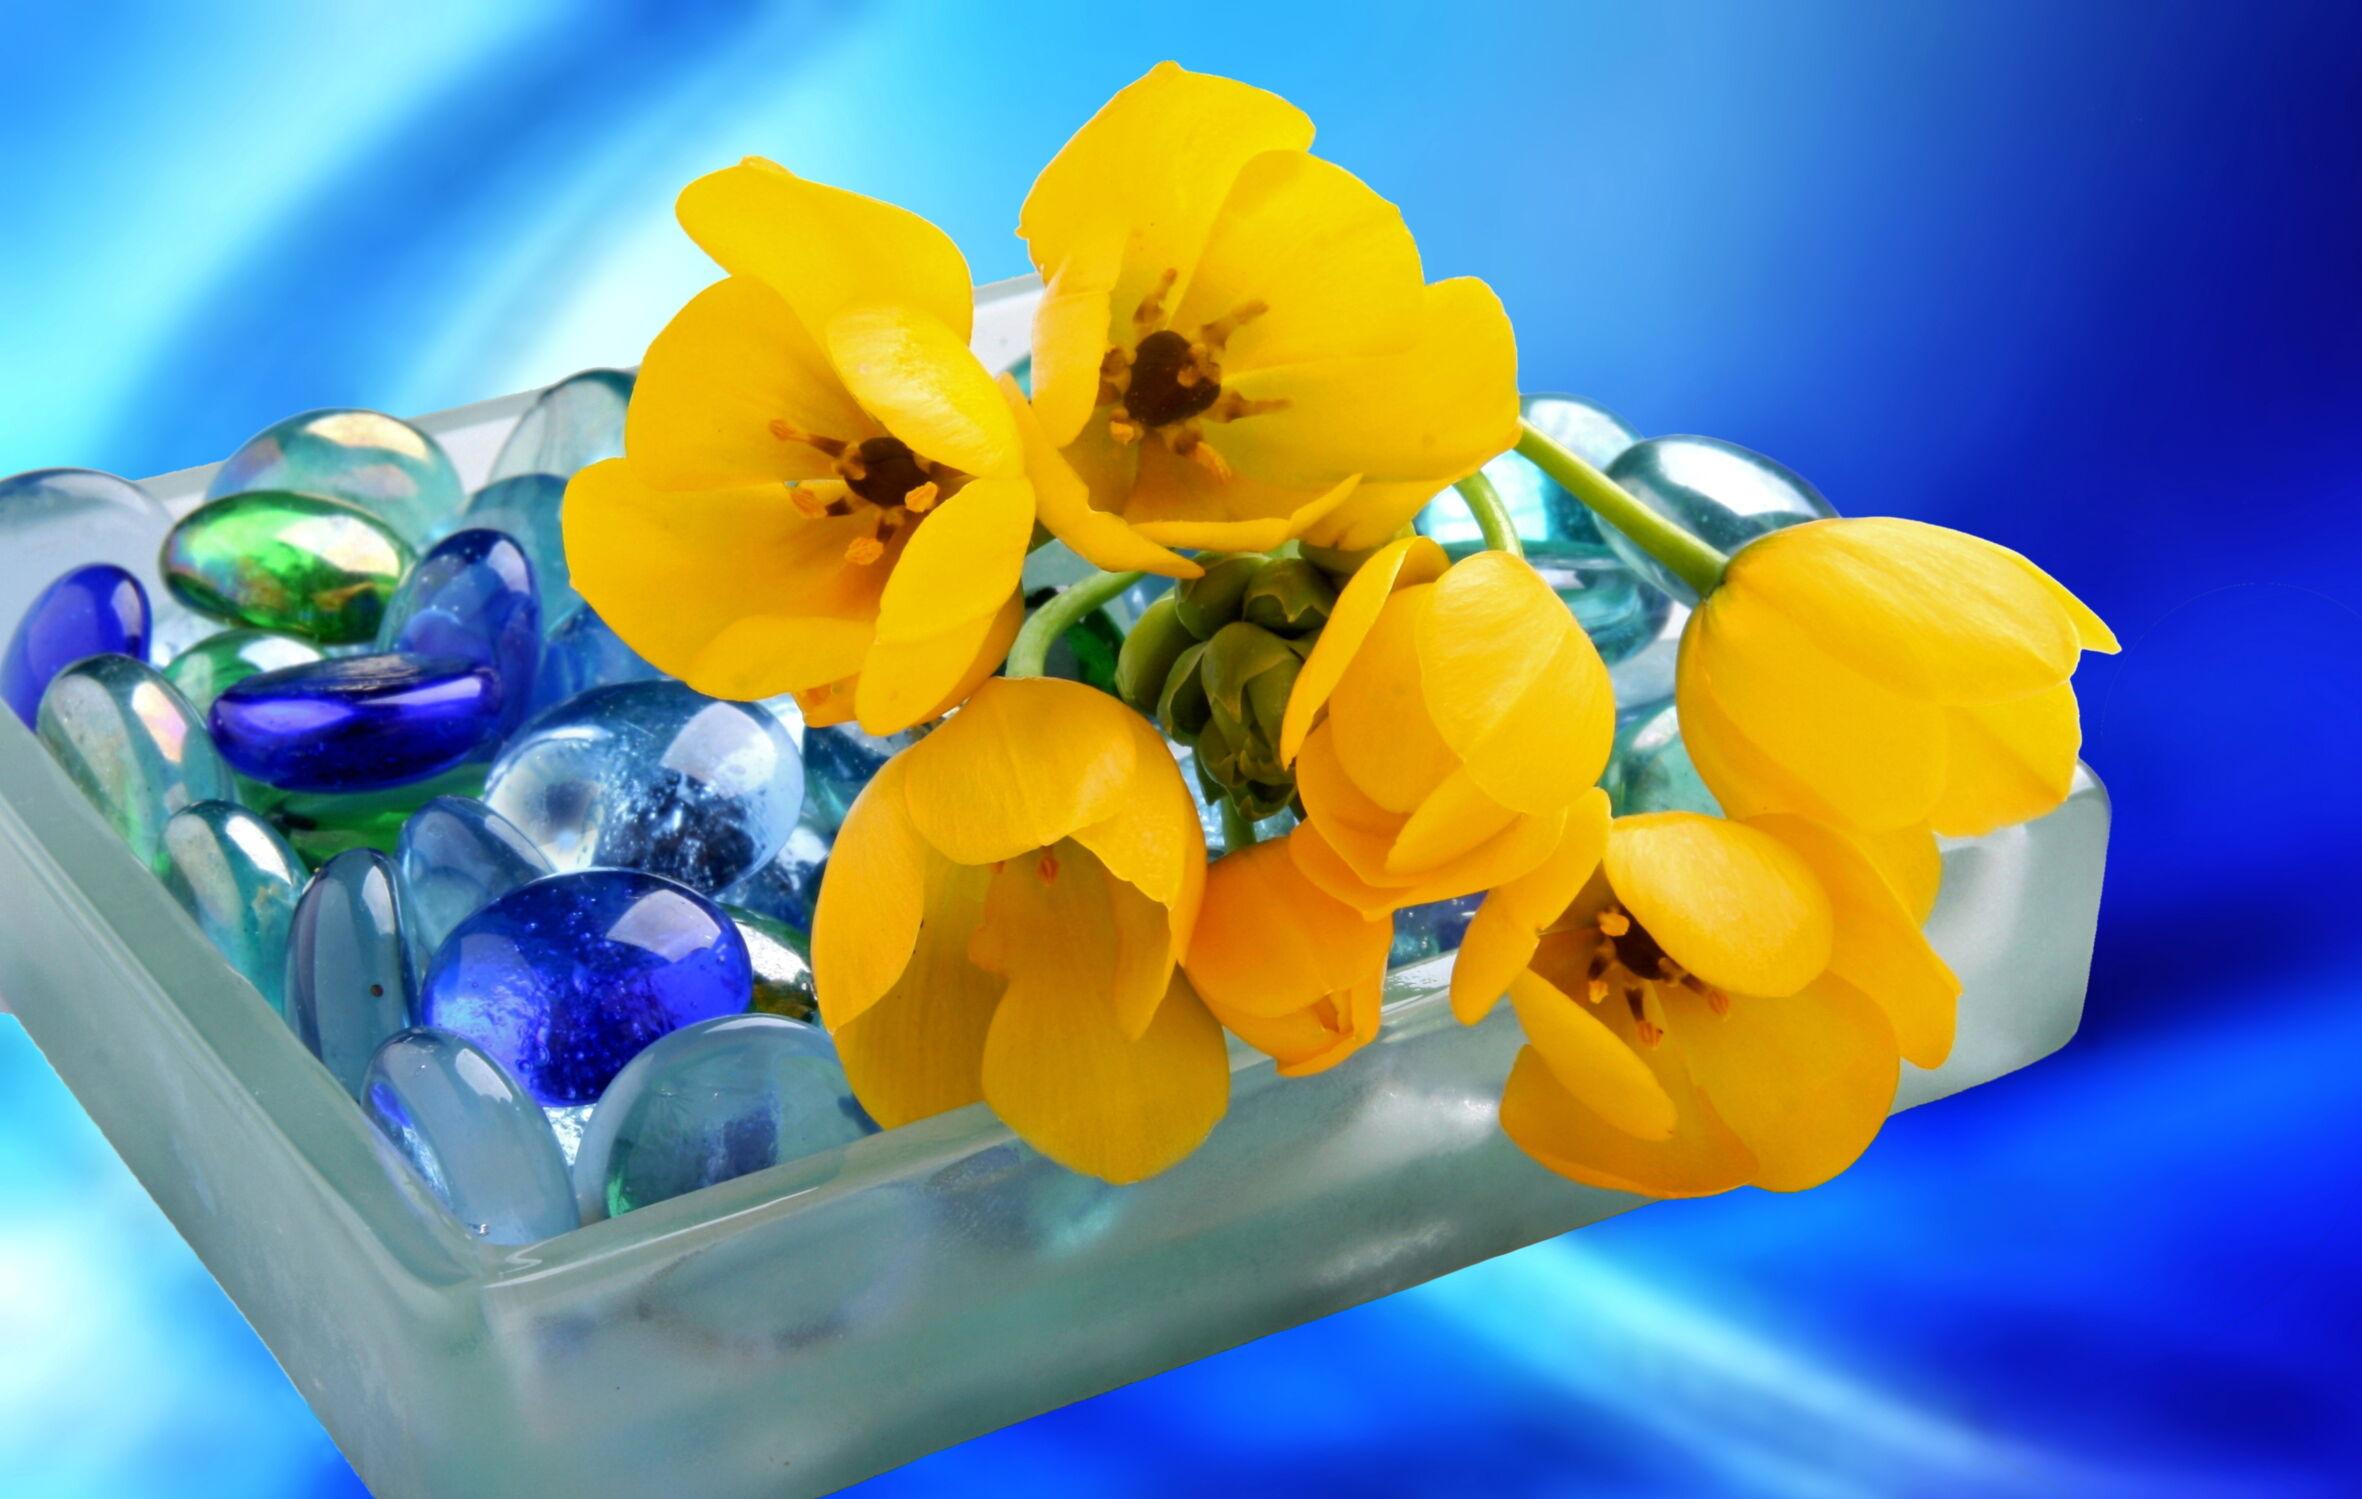 Bild mit Pflanzen, Blumen, Stein, Steine, Blume, Pflanze, Stilleben, Blüten, Wellness, blüte, beauty